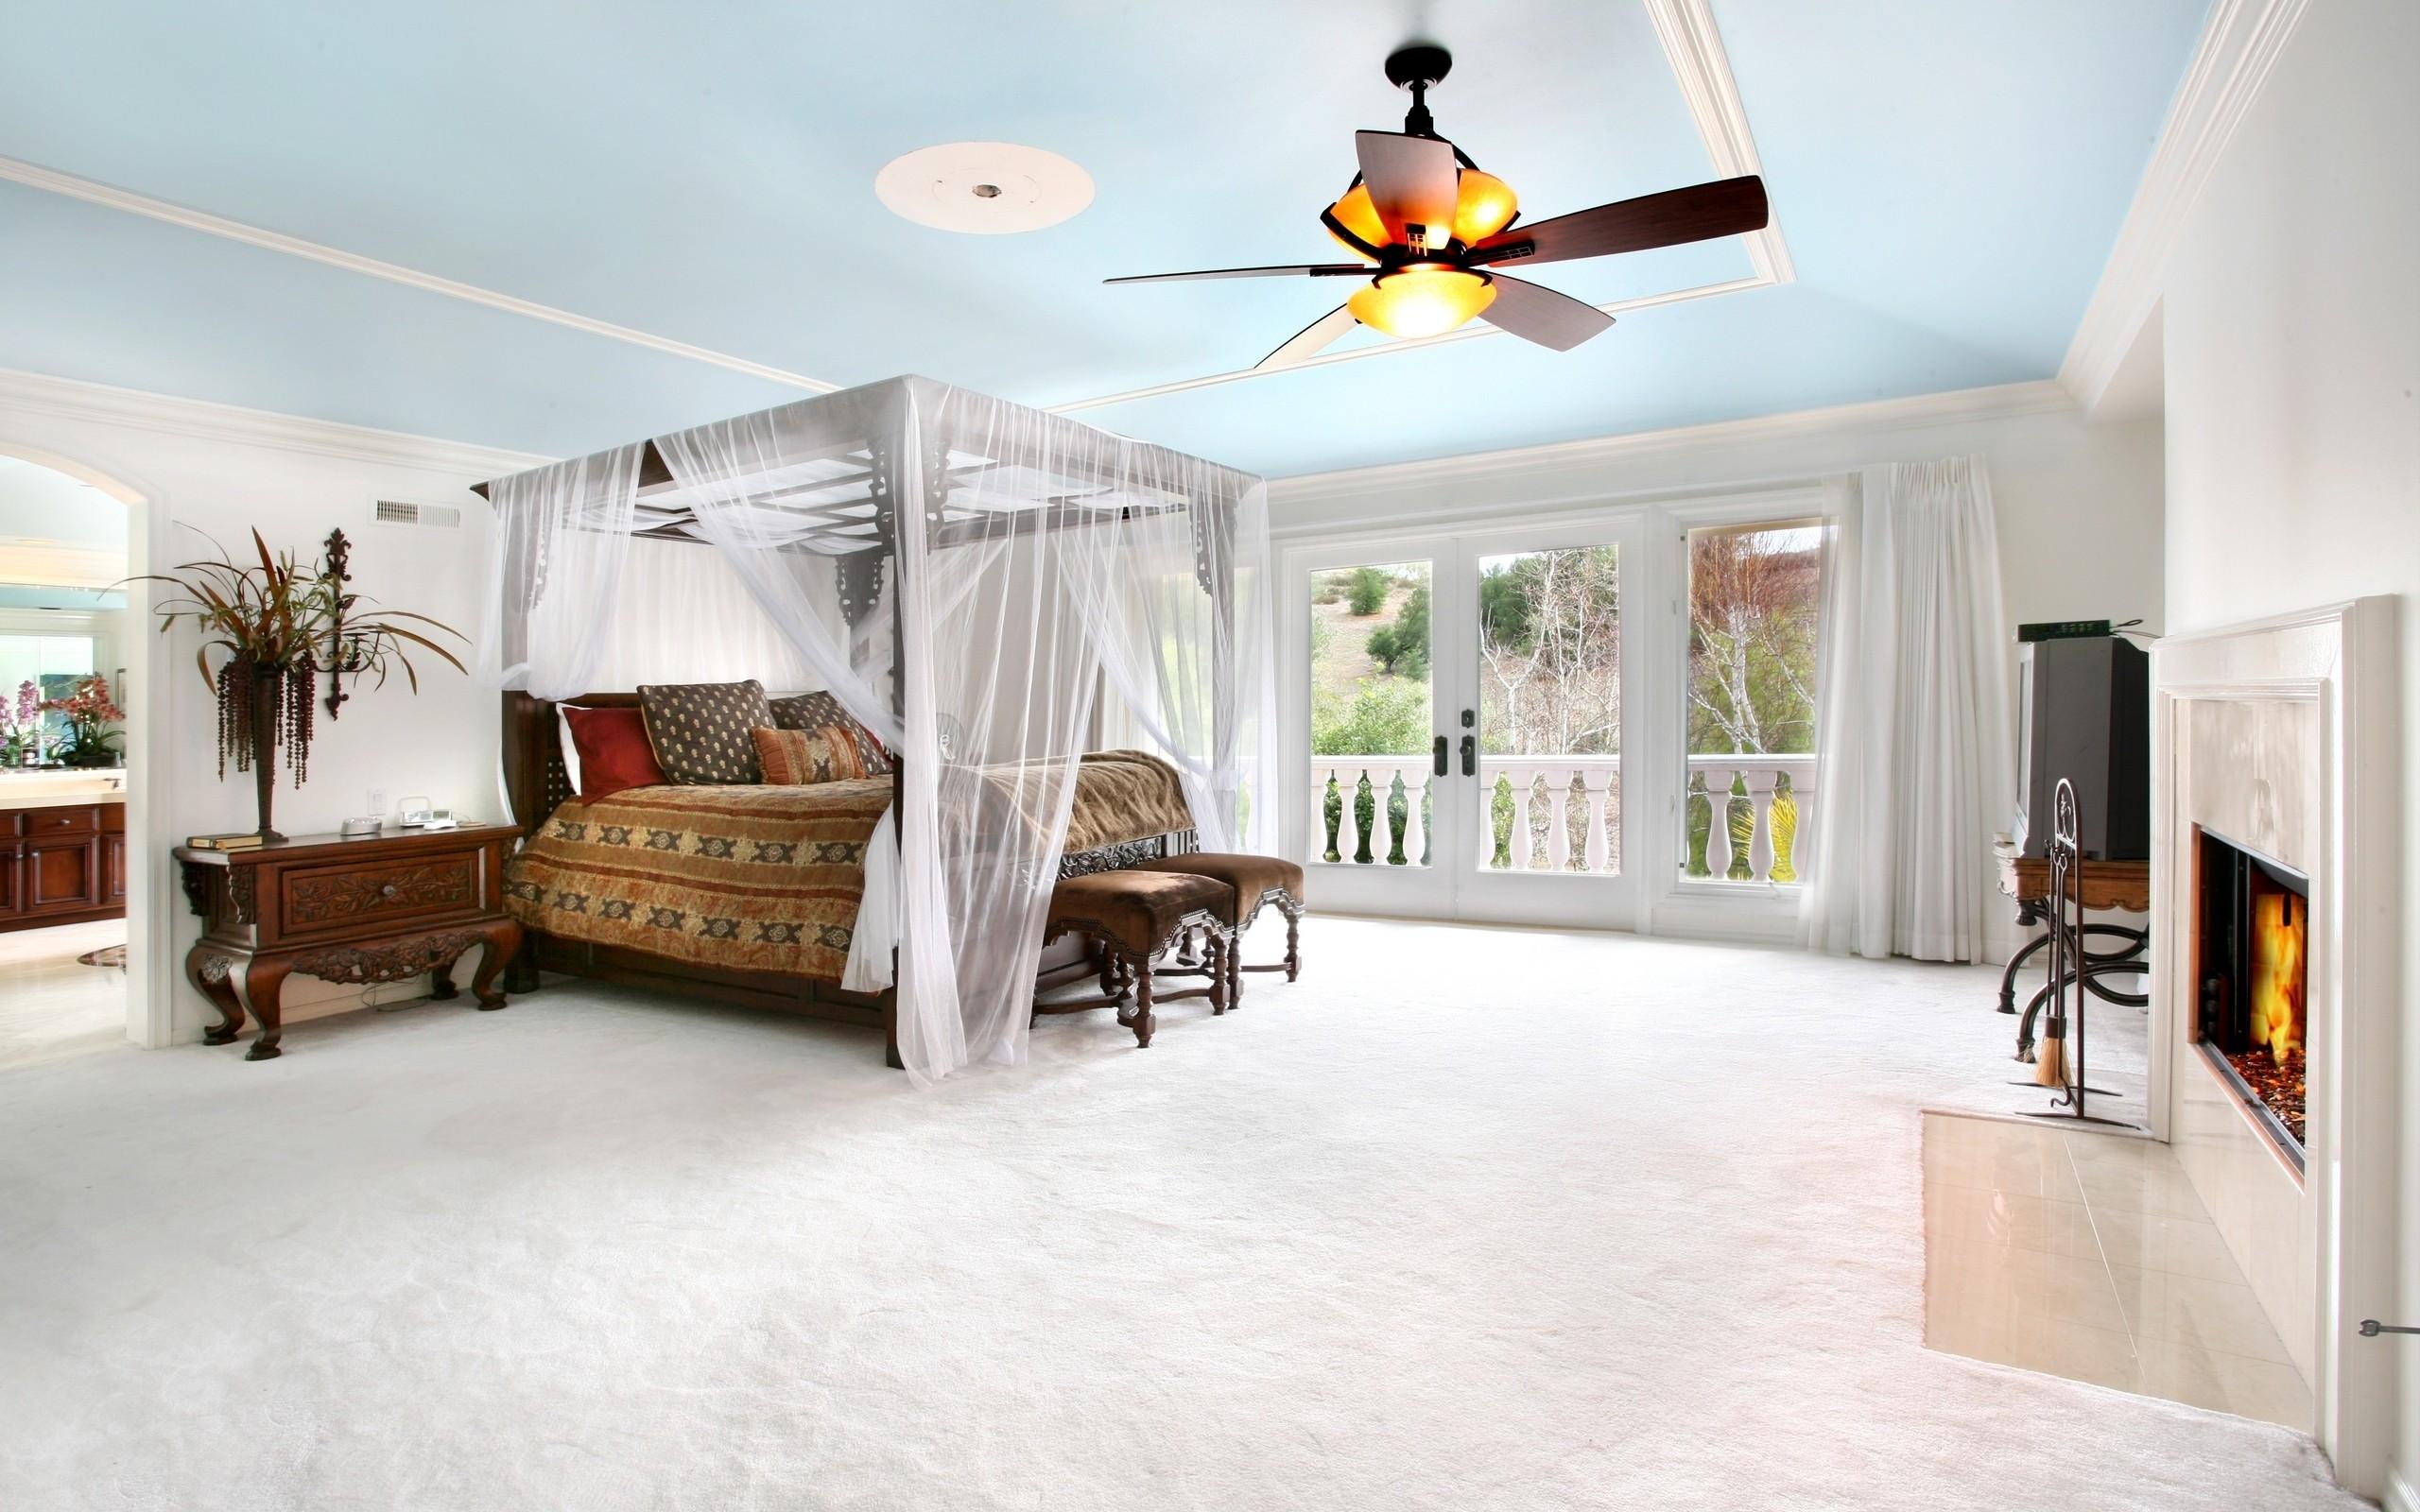 Habitaci n para casados hd 2560x1600 imagenes for Habitaciones 3d gratis